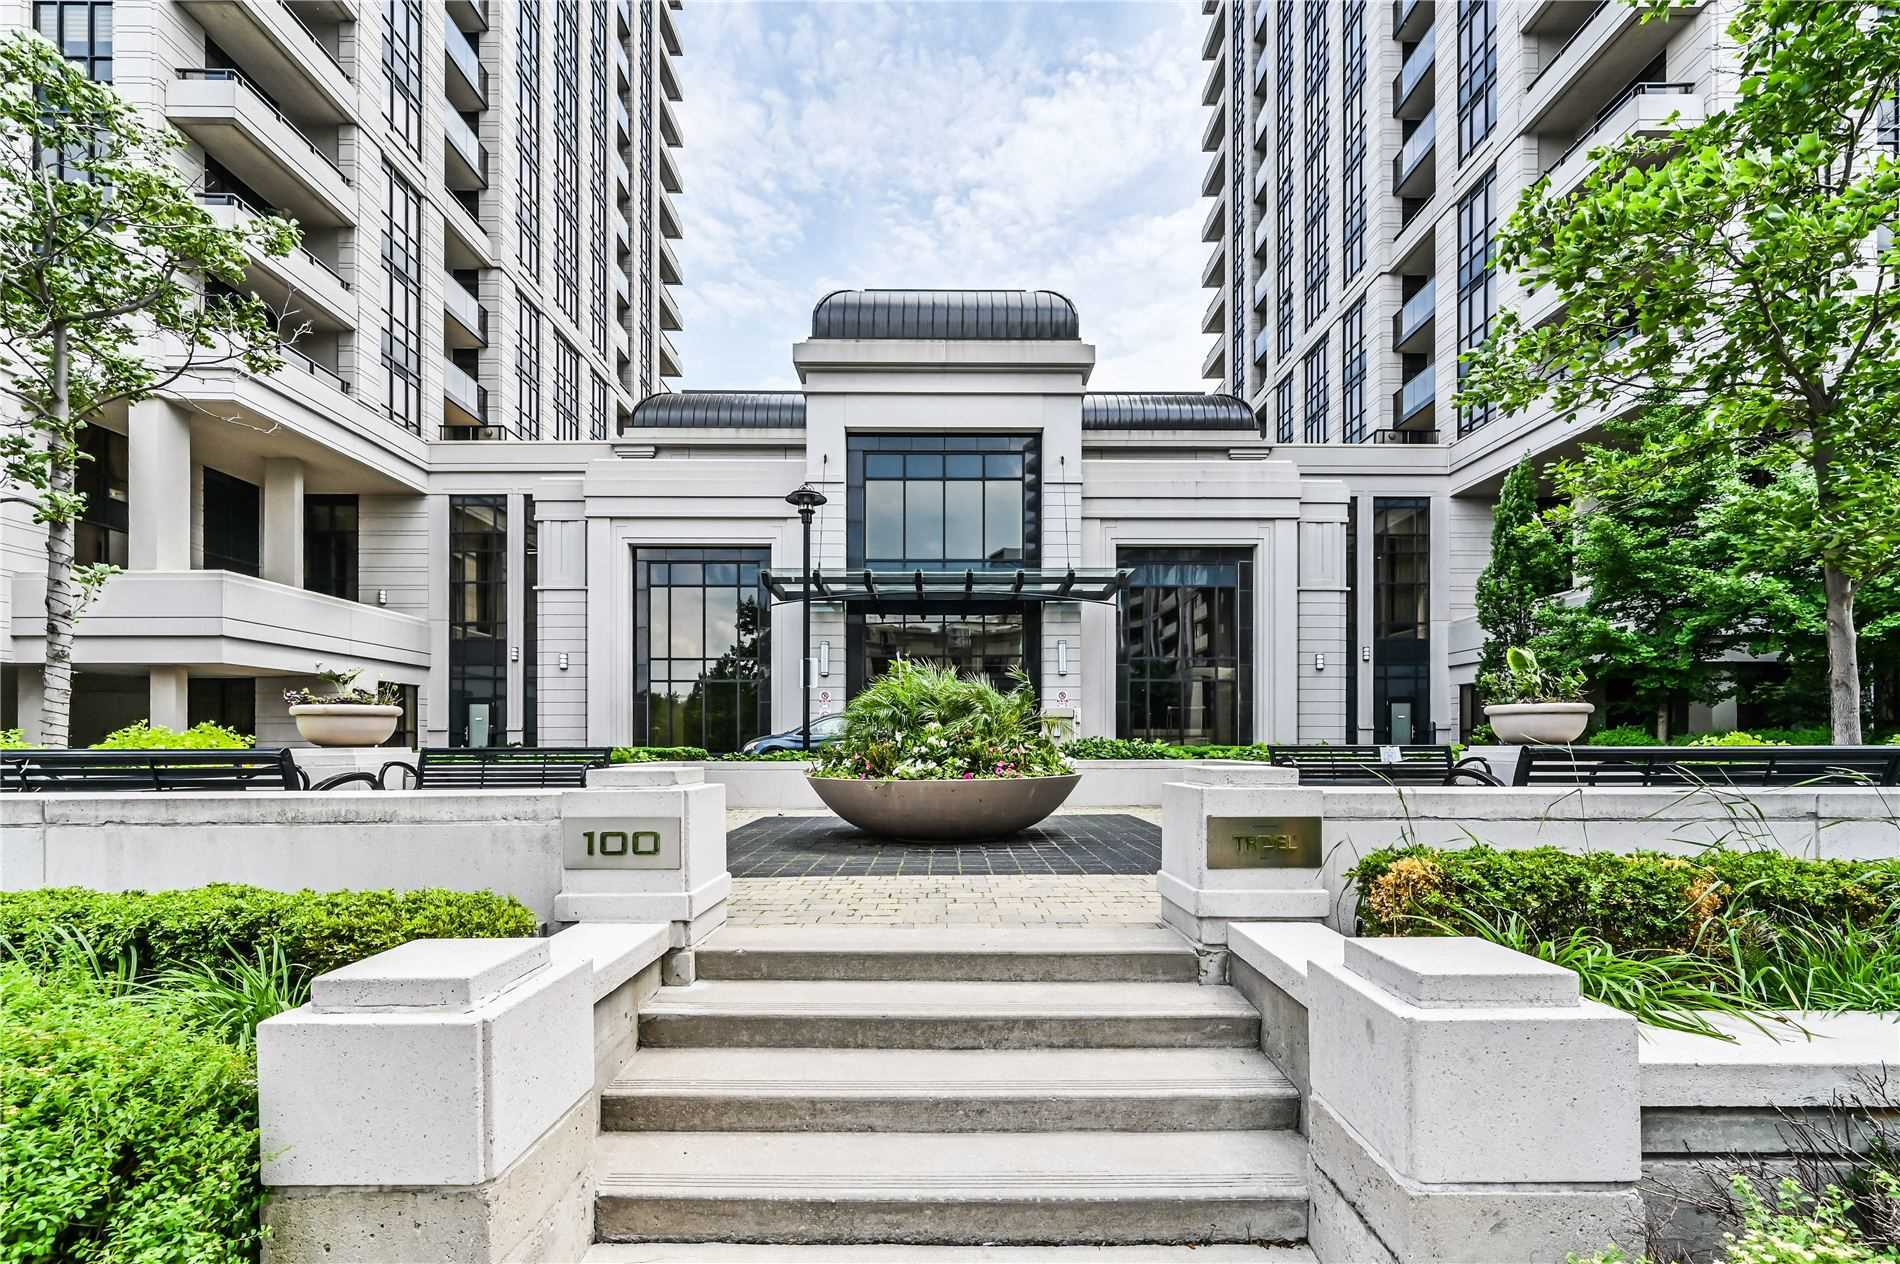 1305 - 100 Harrison Garden Blvd